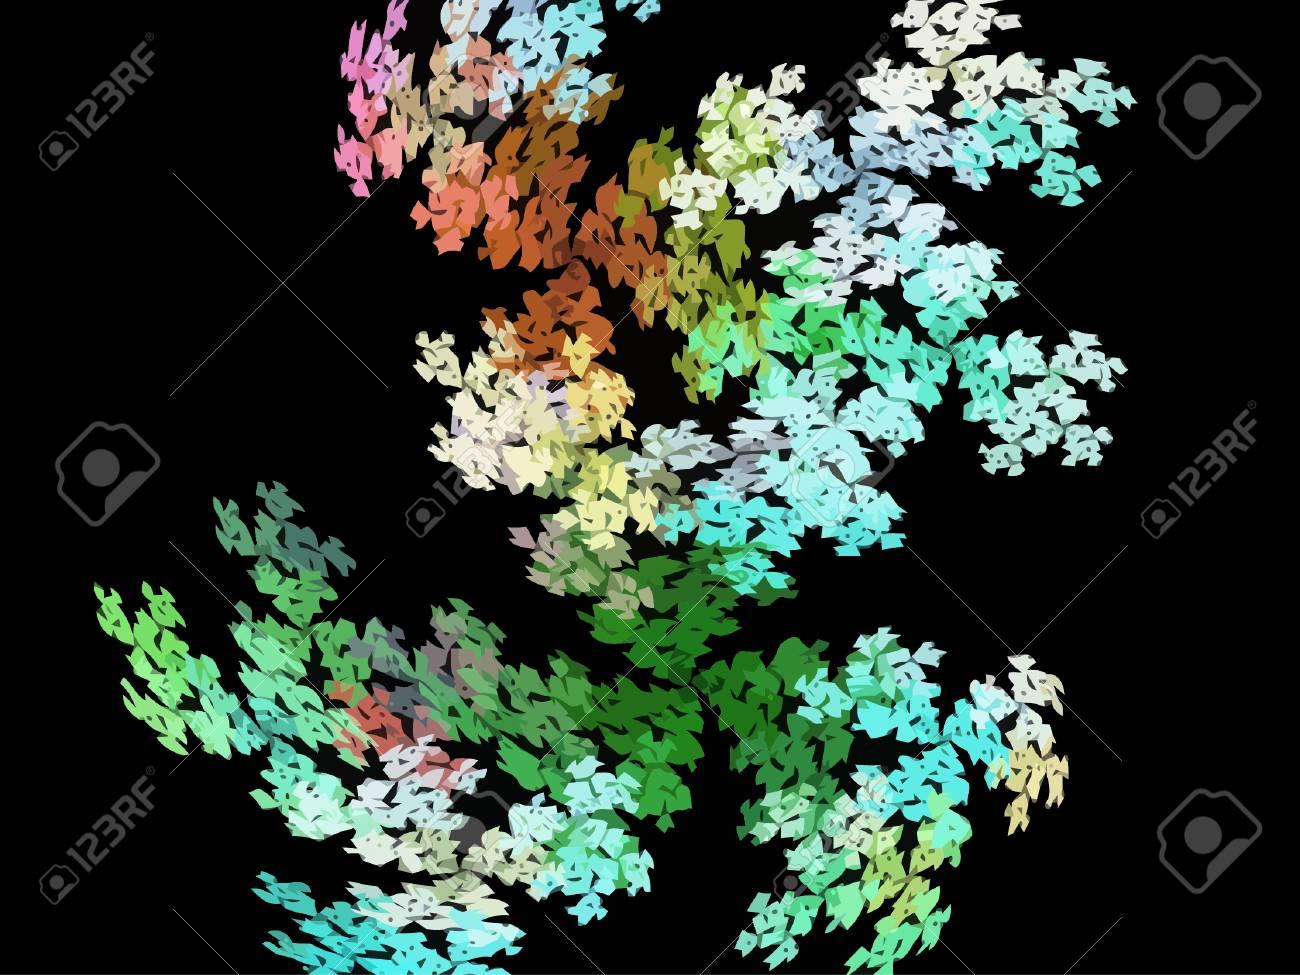 Vector Illustration of digital fractal Stock Vector - 25185787